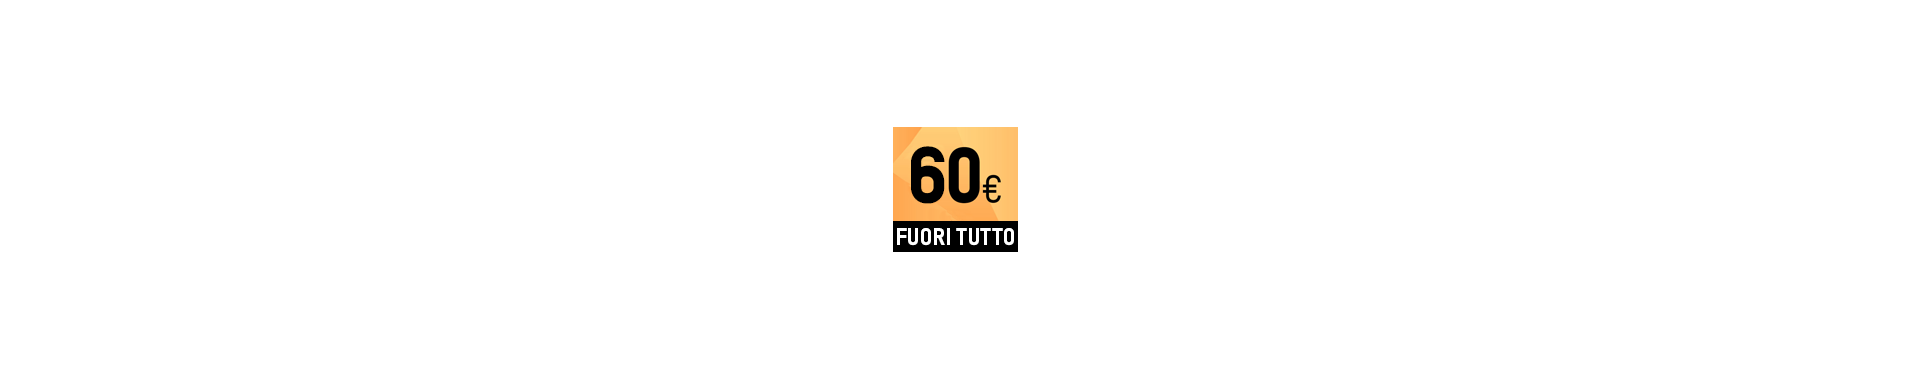 Fuori tutto Guanti da moto a 60 euro